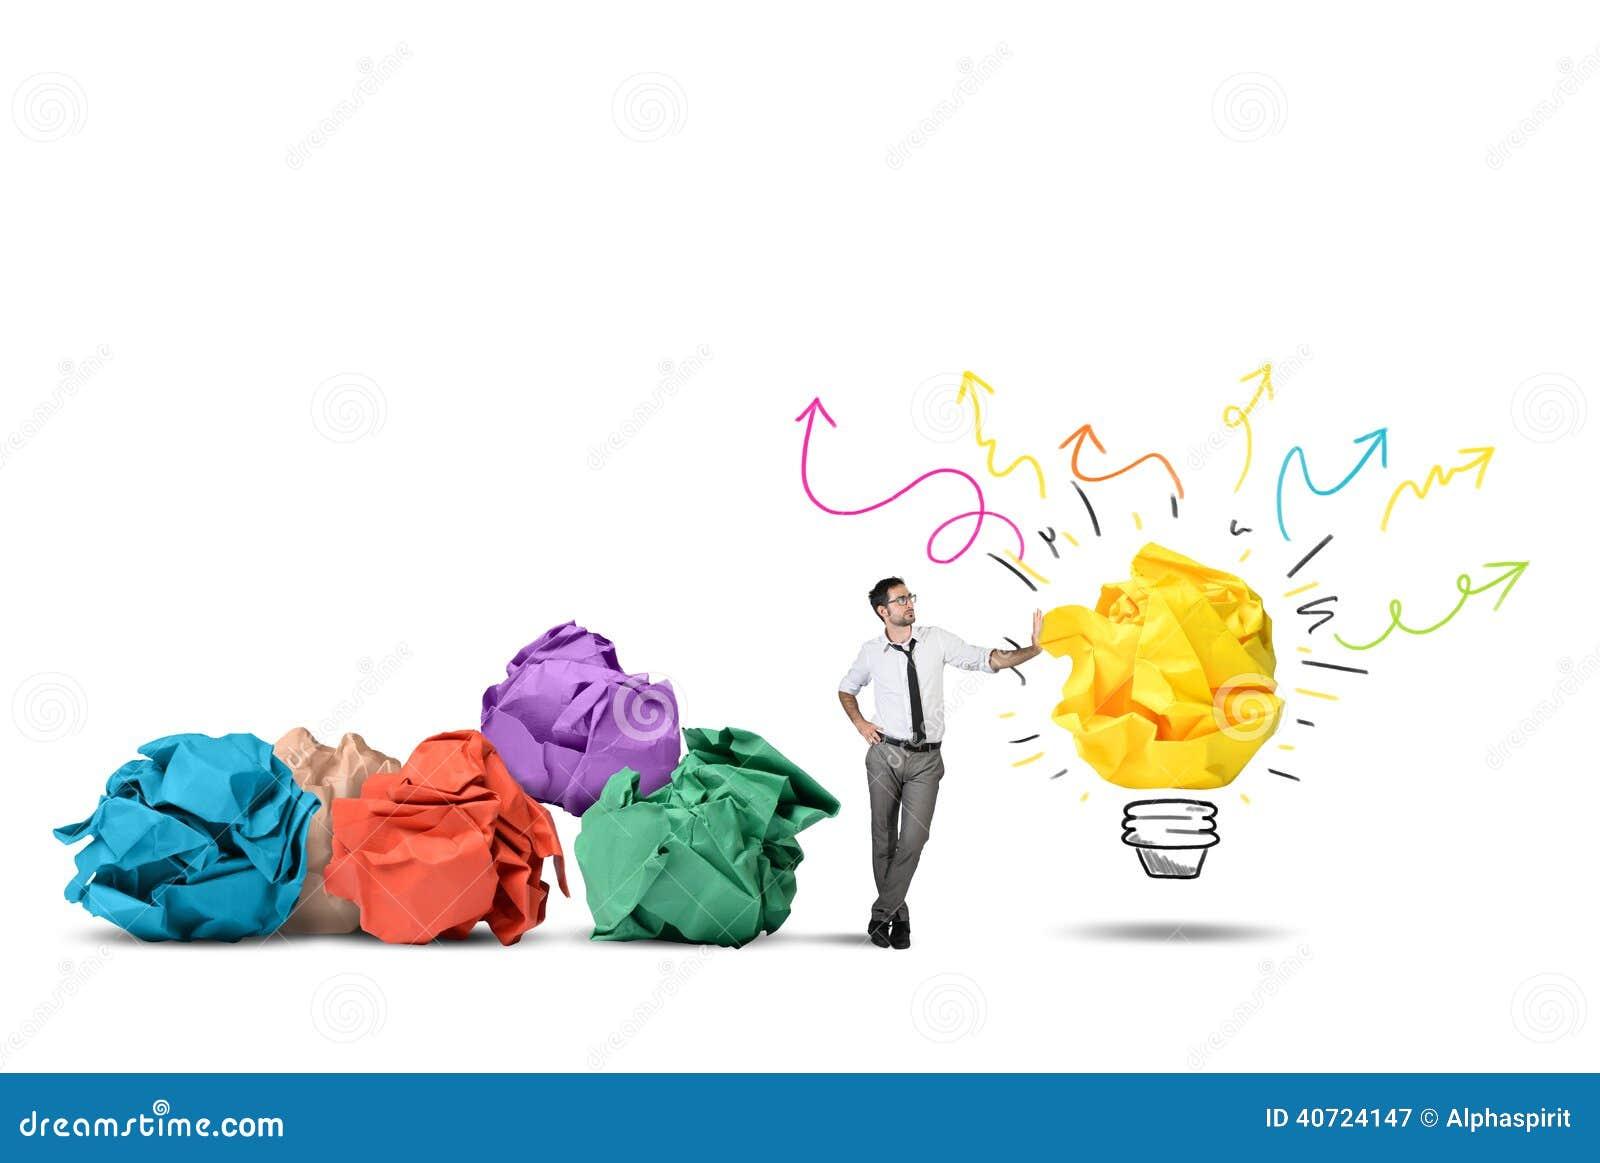 Neue Idee stockbild. Bild von inspiration, kreativität - 40724147